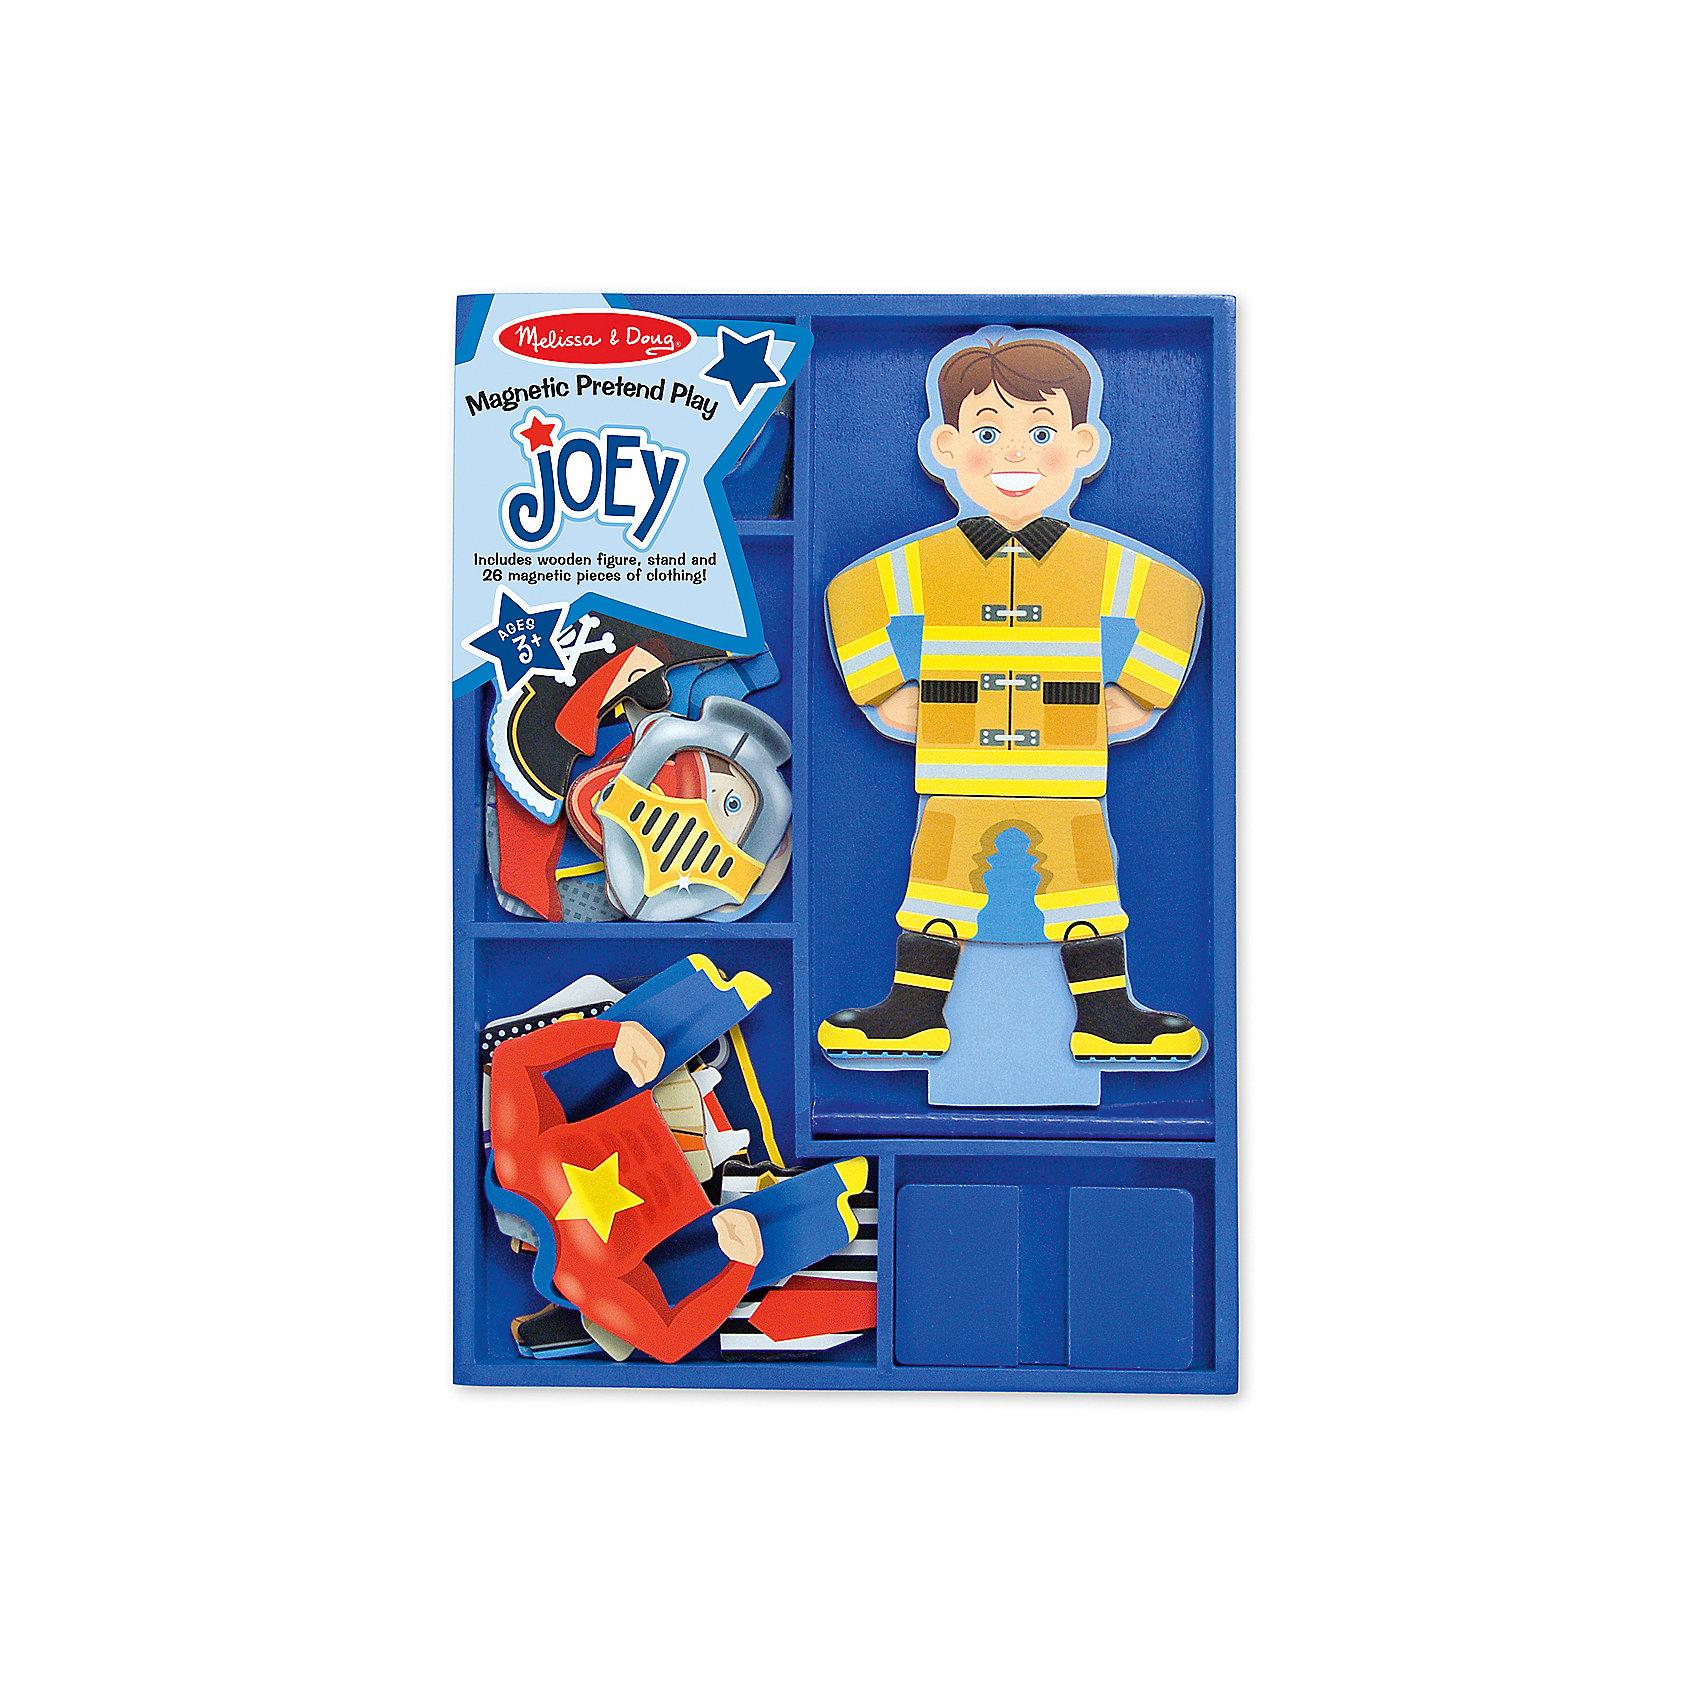 Магнитная игра Переодень Джо, Melissa &amp; DougРазвивающие игры<br>Увлекательная игра Переодень Джо от известного бренда Melissa &amp; Doug для мальчика. Набор включает в себя деревянную магнитную фигурку и 6 комплектов одежды на магнитах, которые позволят превратить Джо в кого угодно! Ребенок сам сможет выбрать, кто пришел к нему в гости - строитель, пират, рыцарь, супергерой, пожарный или полицейский. Игра весело и непринужденно помогает развить фантазию, логику, воображение и мелкую моторику. Обладает следующими особенностями:<br>- экологически чистые материалы, безопасные красители;<br>- насыщенные цвета, понятные изображения;<br>- прочная деревянная коробка для хранения.<br>Игра не оставит равнодушным ни одного мальчишку!<br><br>Дополнительная информация:<br>- Вес упаковки: 815 гр;<br>- Габариты упаковки: 300х210х30 мм;<br>- Рекомендуемый возраст: от 1 года с участием взрослых (содержит мелкие детали).<br><br><br>Магнитную игру Переодень Джо Melissa &amp; Doug можно купить в нашем магазине<br><br>Ширина мм: 300<br>Глубина мм: 210<br>Высота мм: 30<br>Вес г: 815<br>Возраст от месяцев: 24<br>Возраст до месяцев: 60<br>Пол: Унисекс<br>Возраст: Детский<br>SKU: 3927698